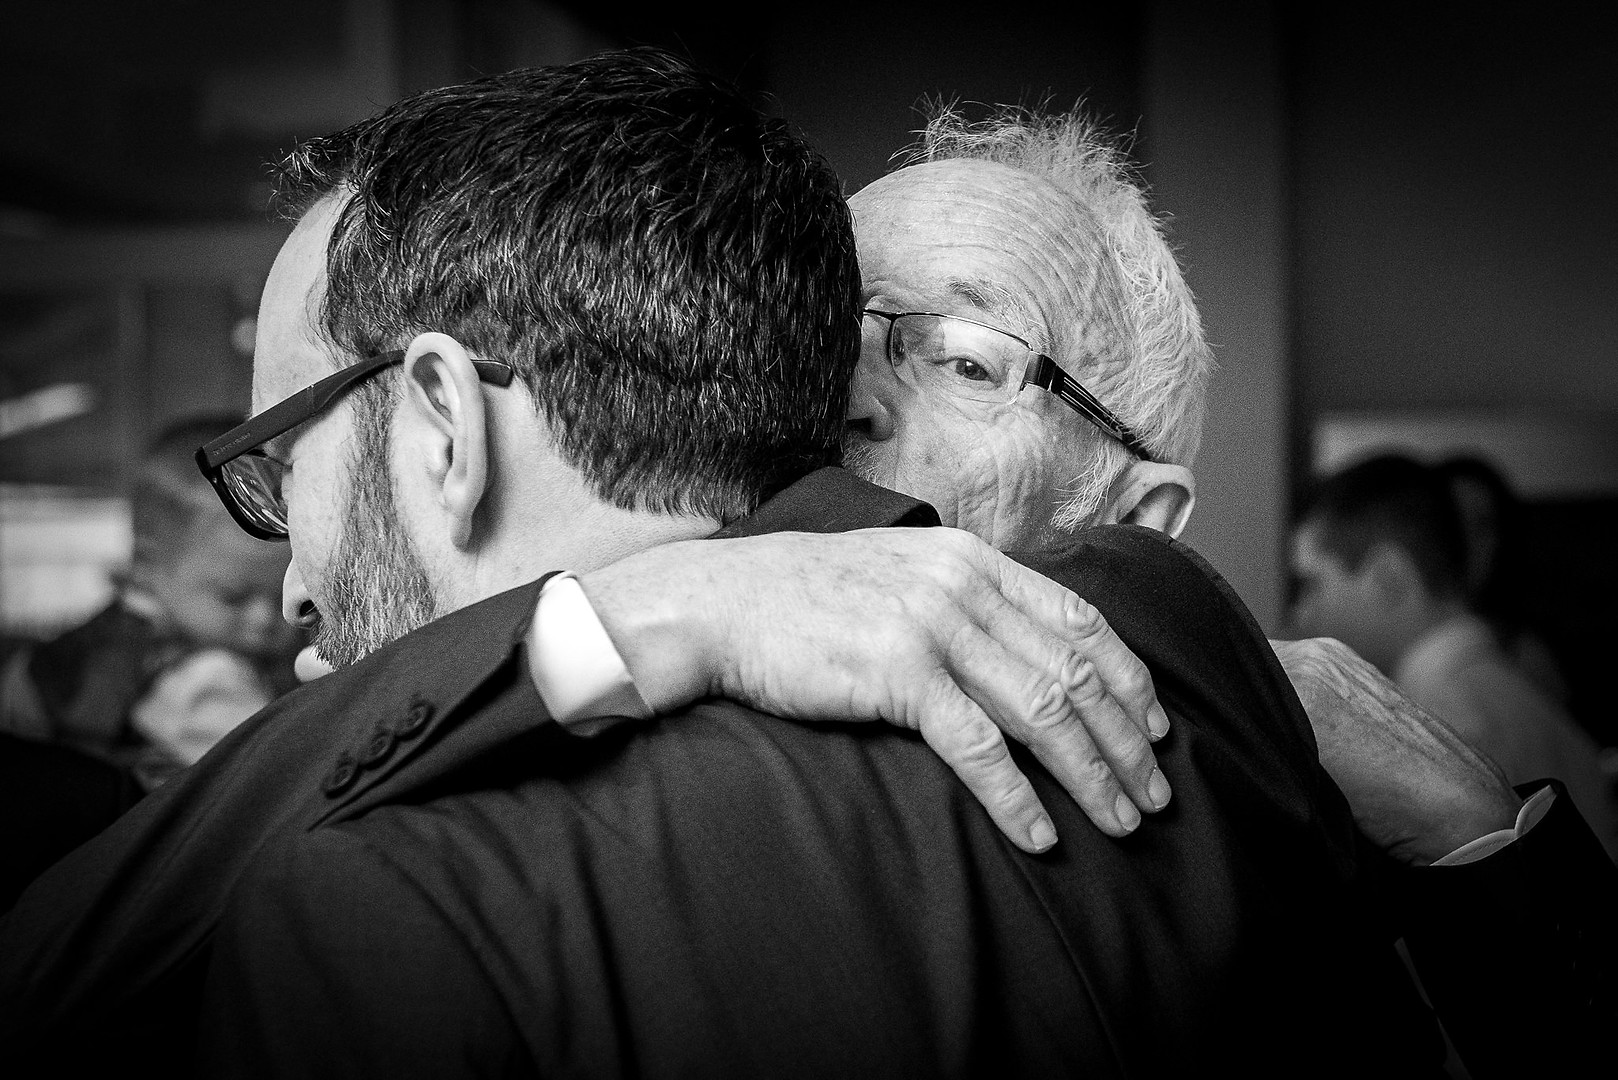 A Father's hug